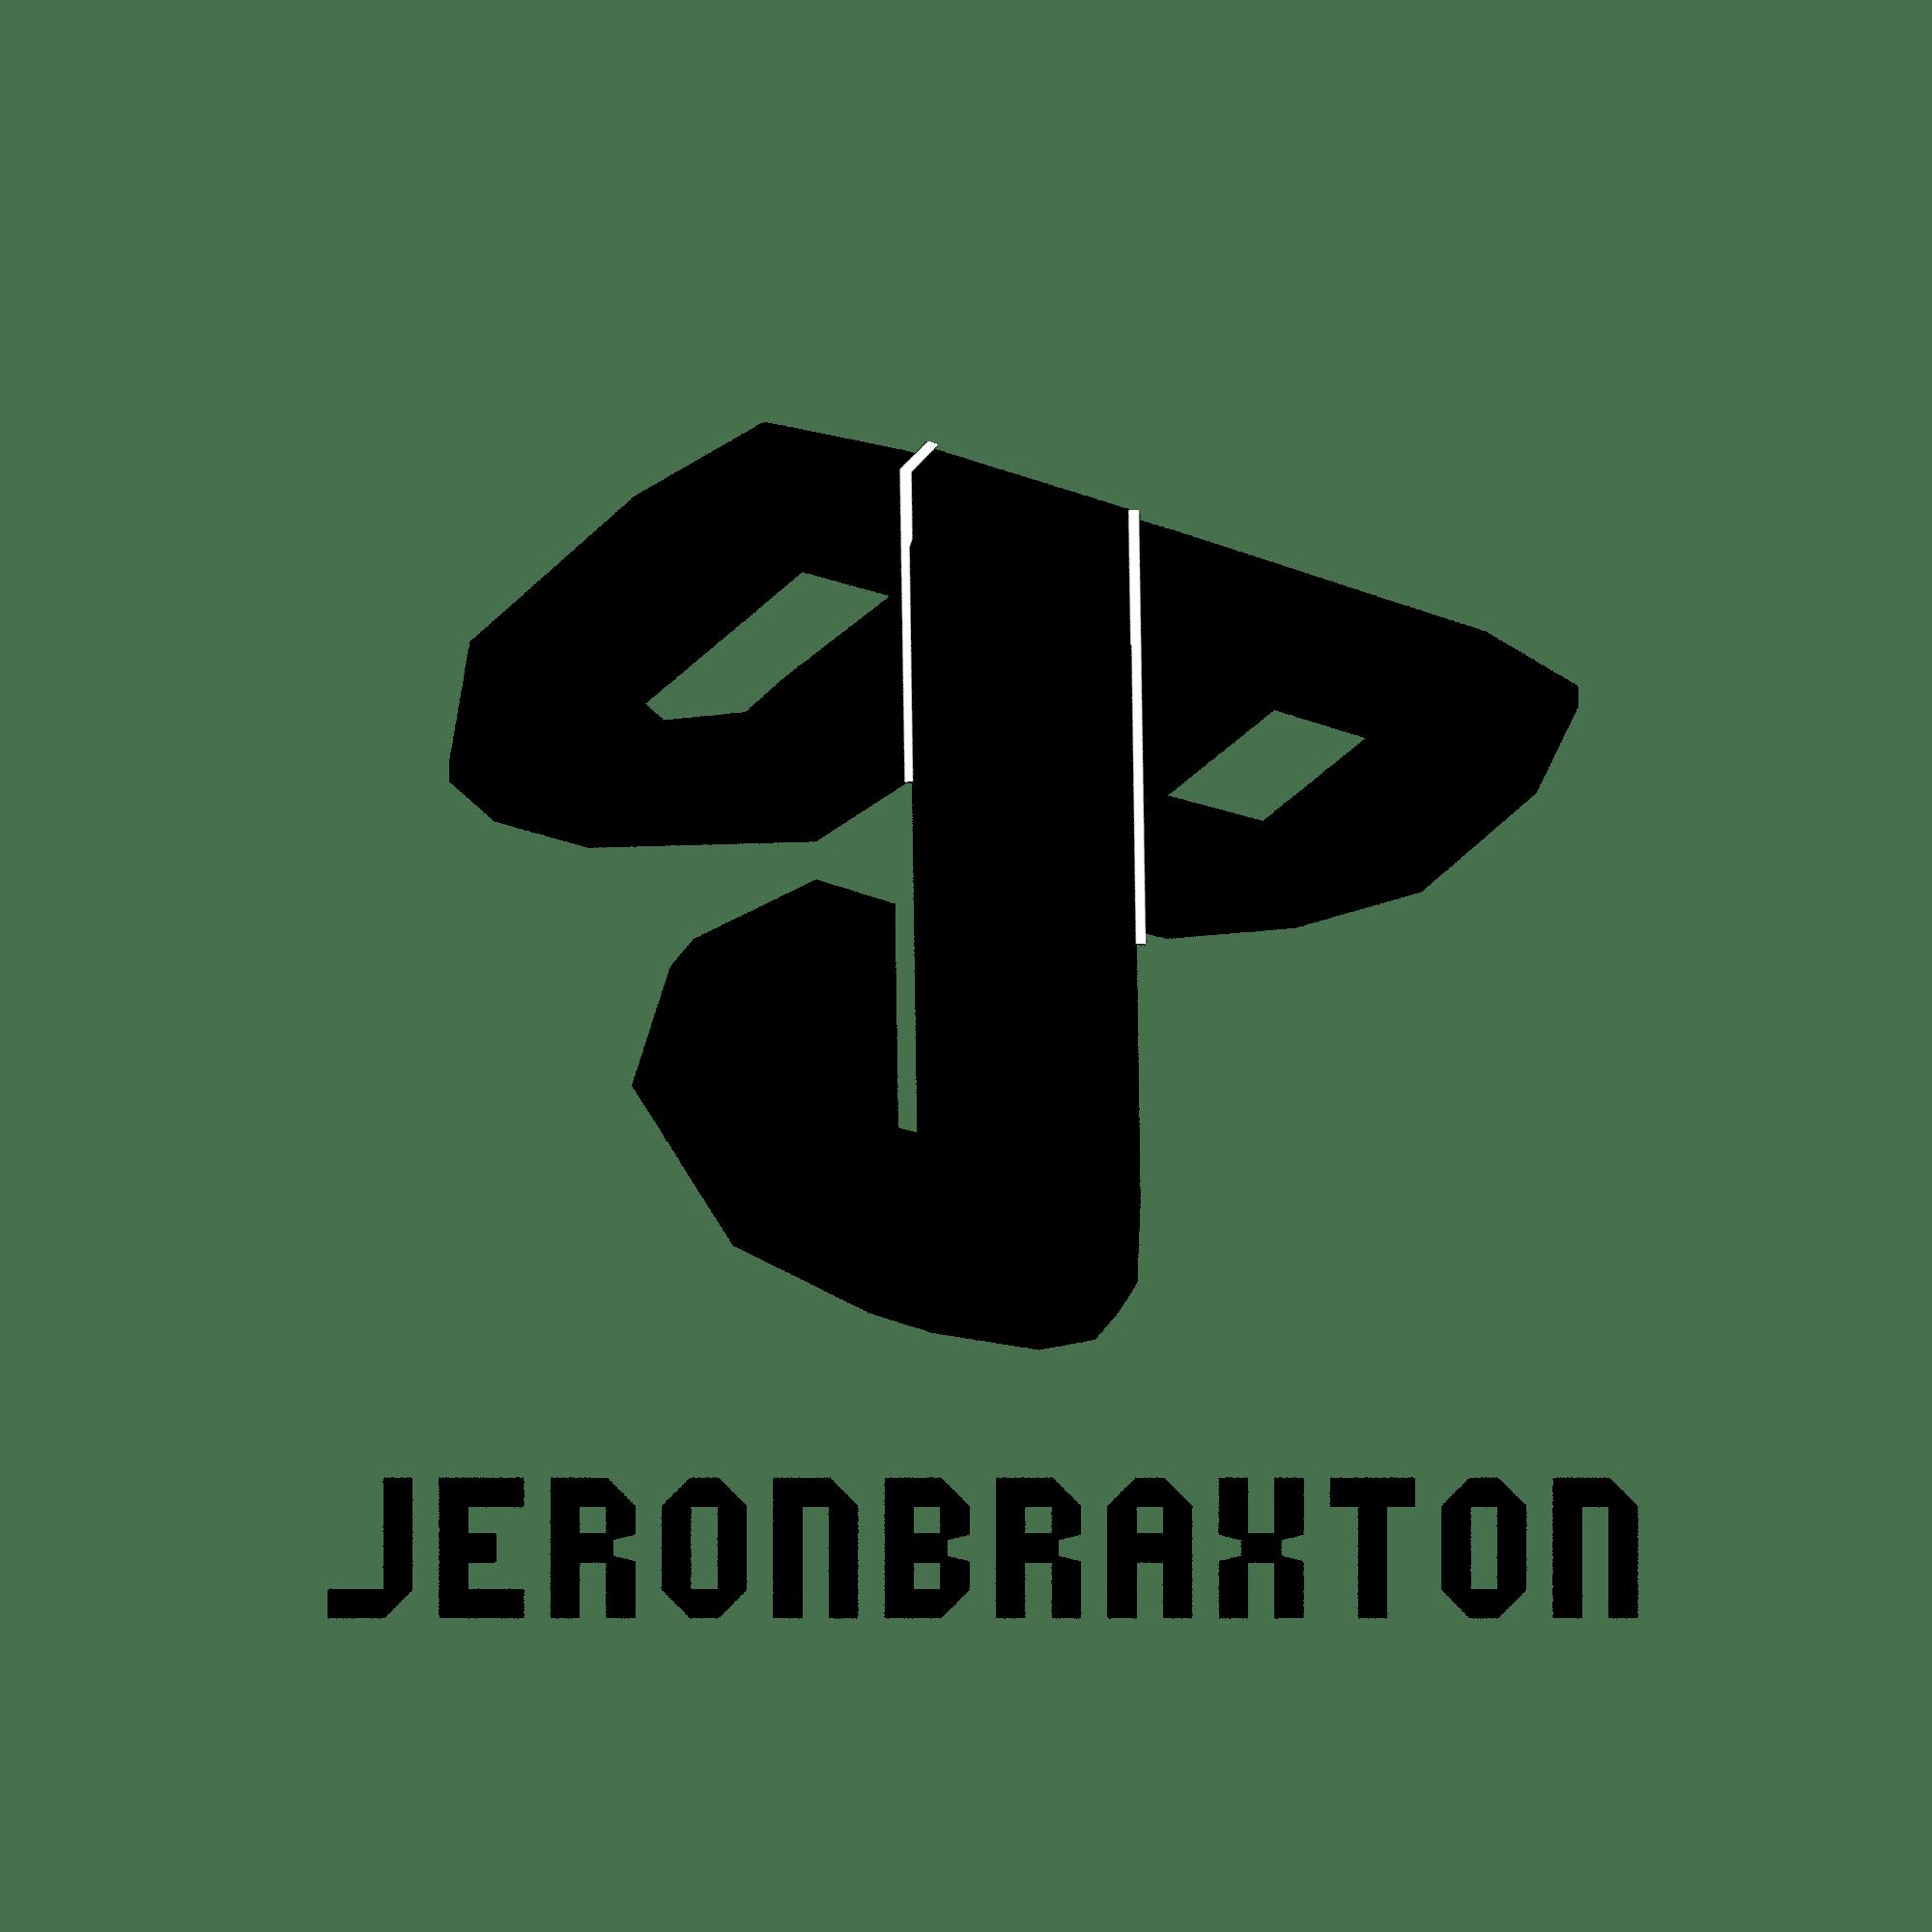 Jeron Braxton